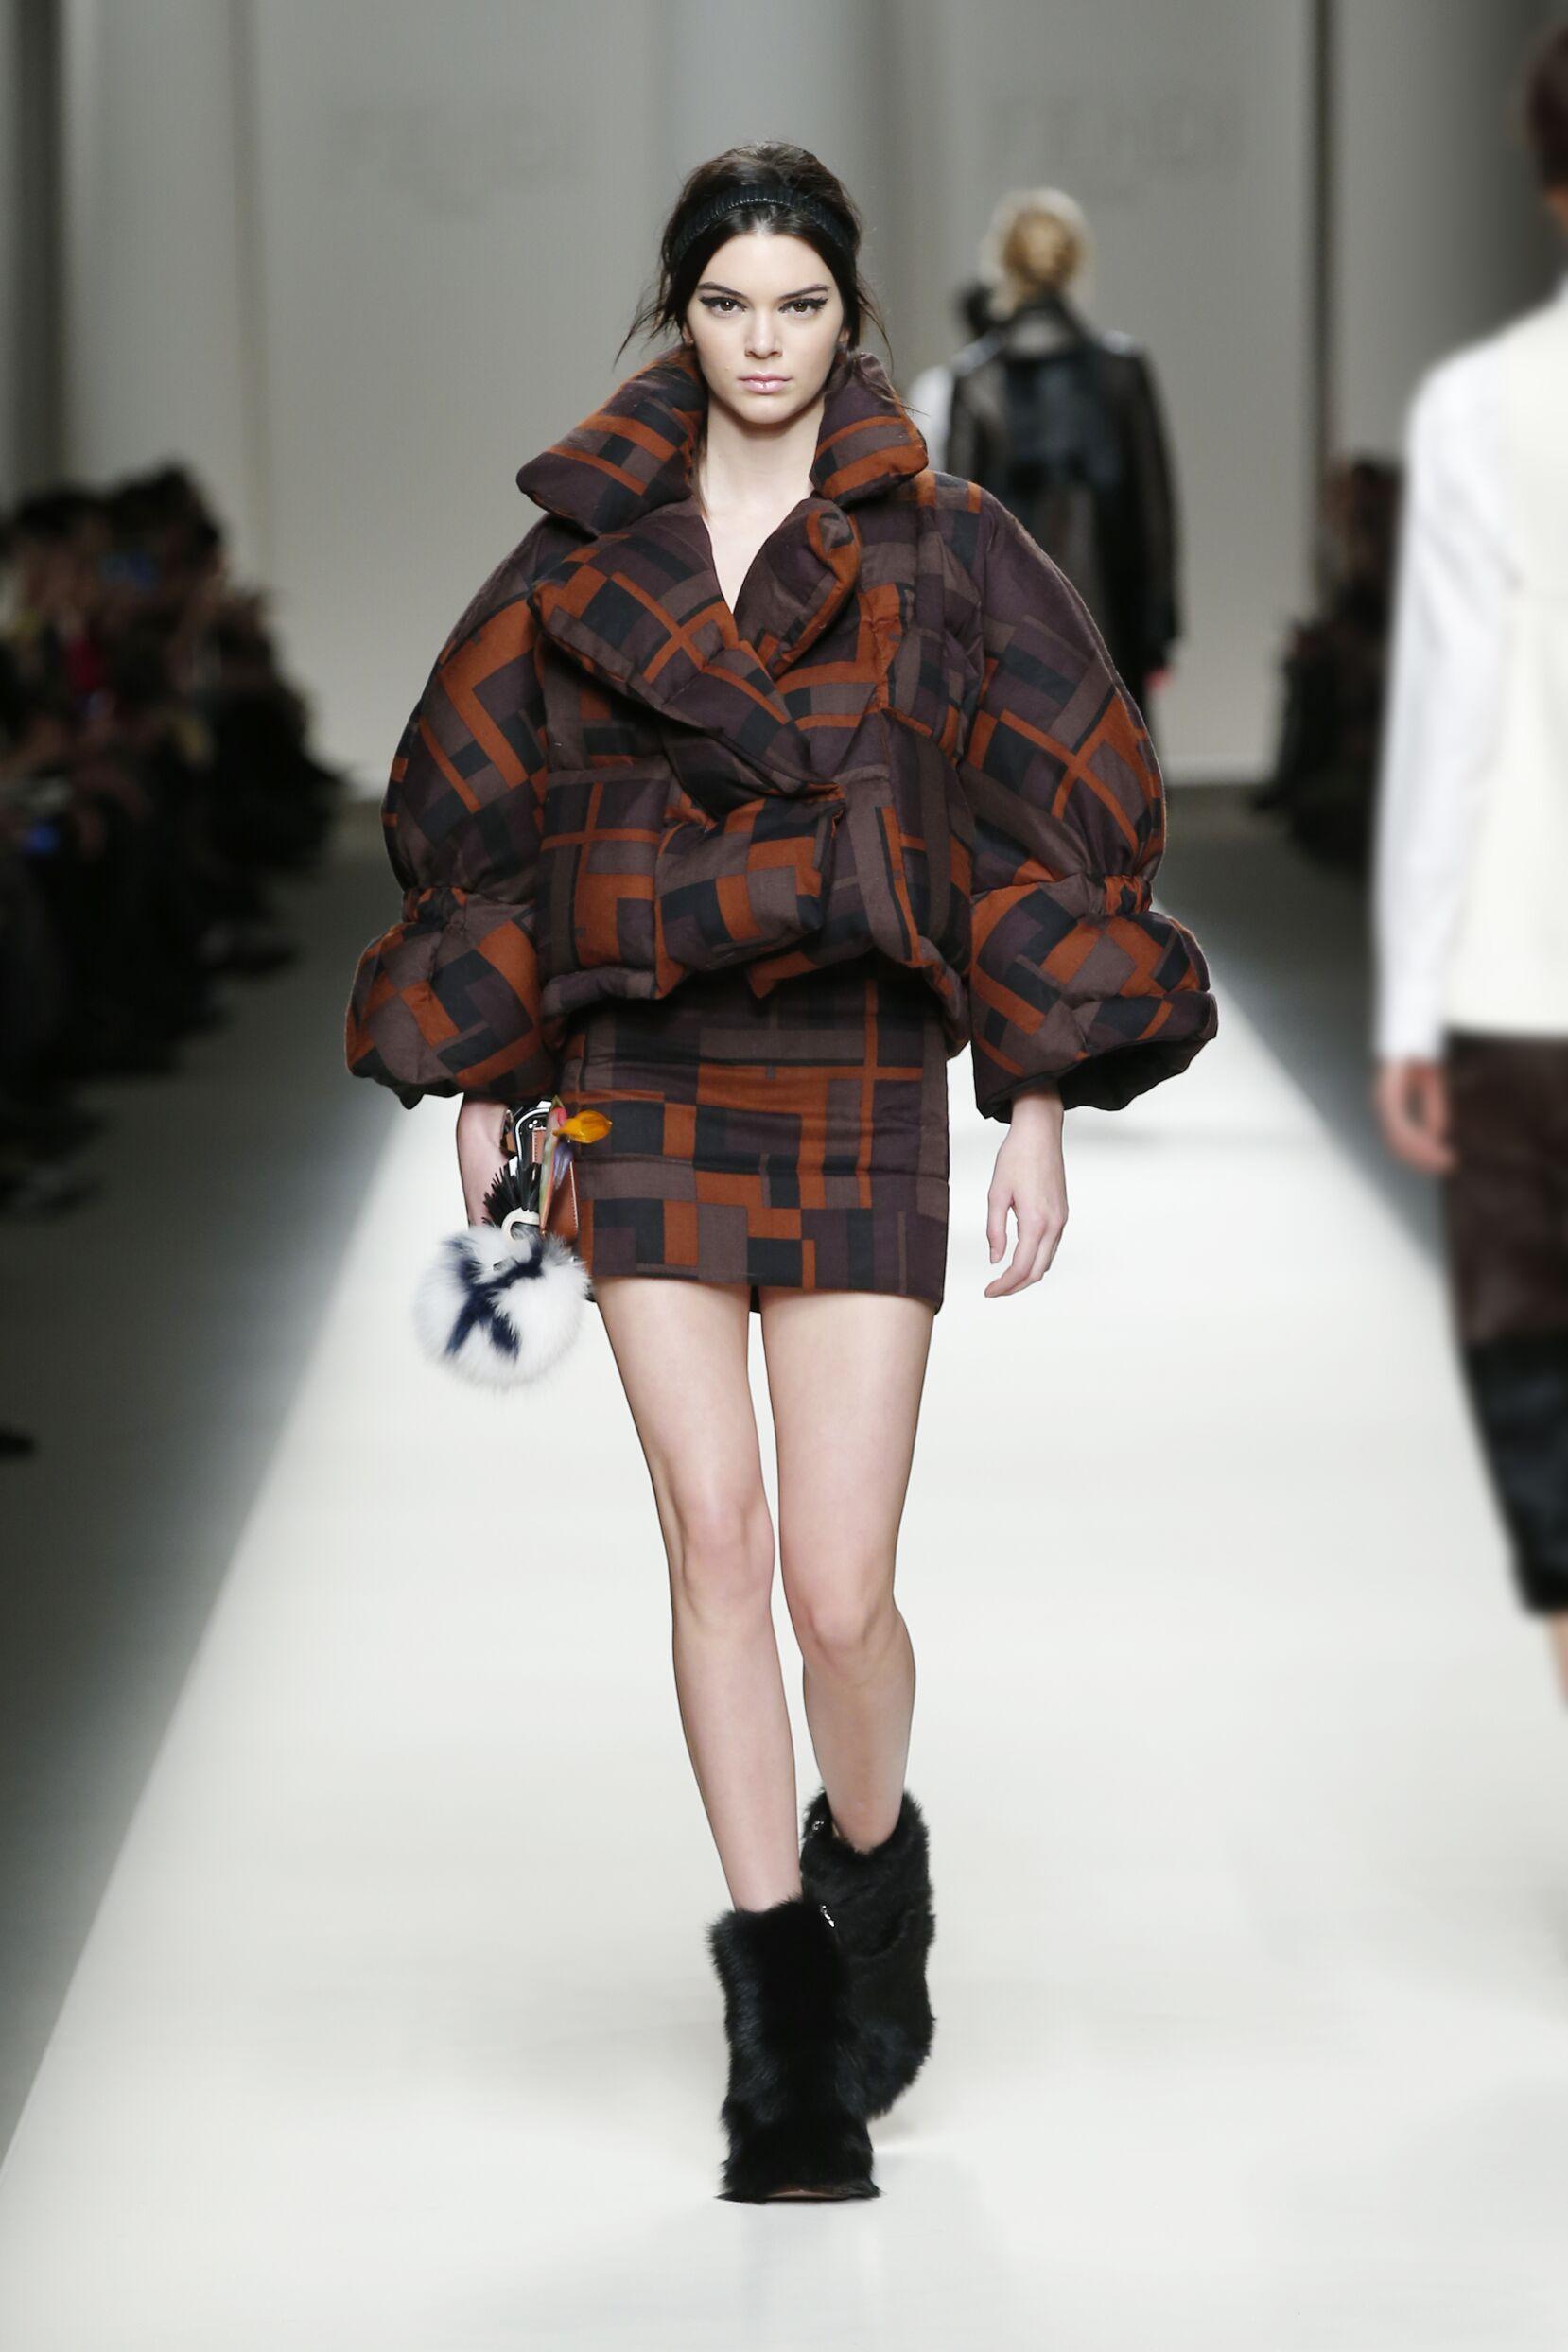 Fashion Winter Trends 2015 2016 Fendi